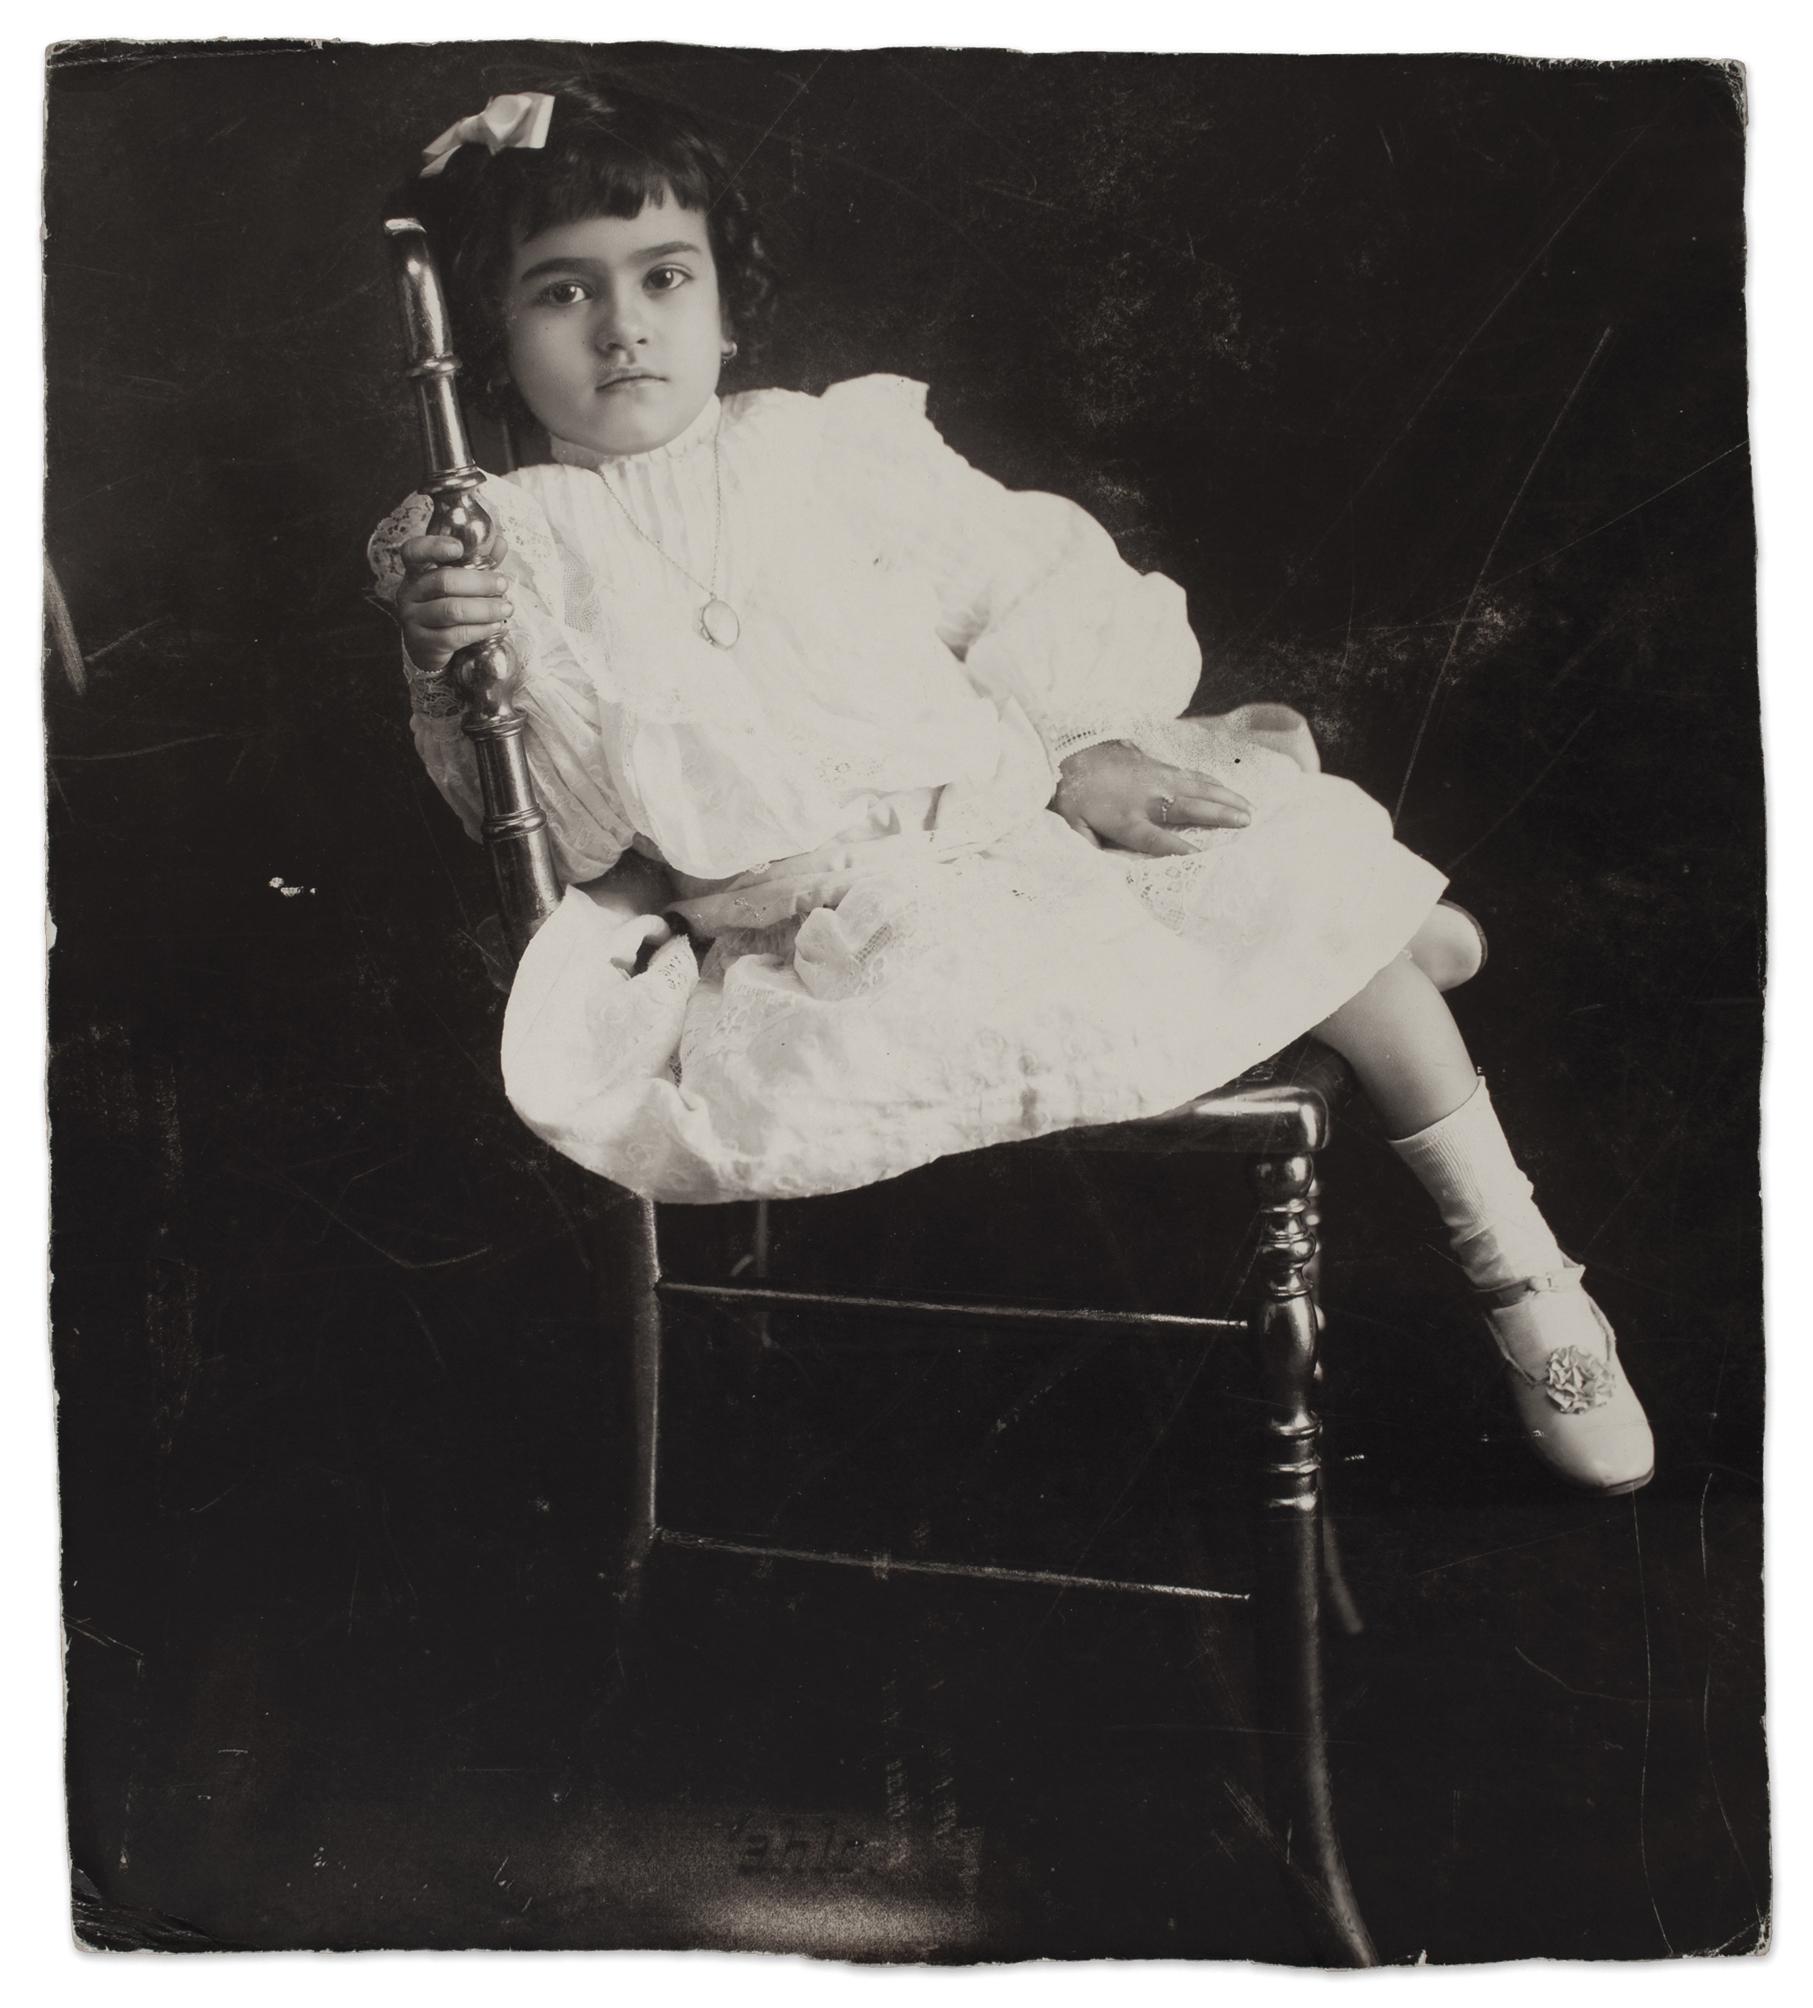 Frida  com  5  anos,  Anónimo,  1912  ©  Museu  Frida  Kahlo